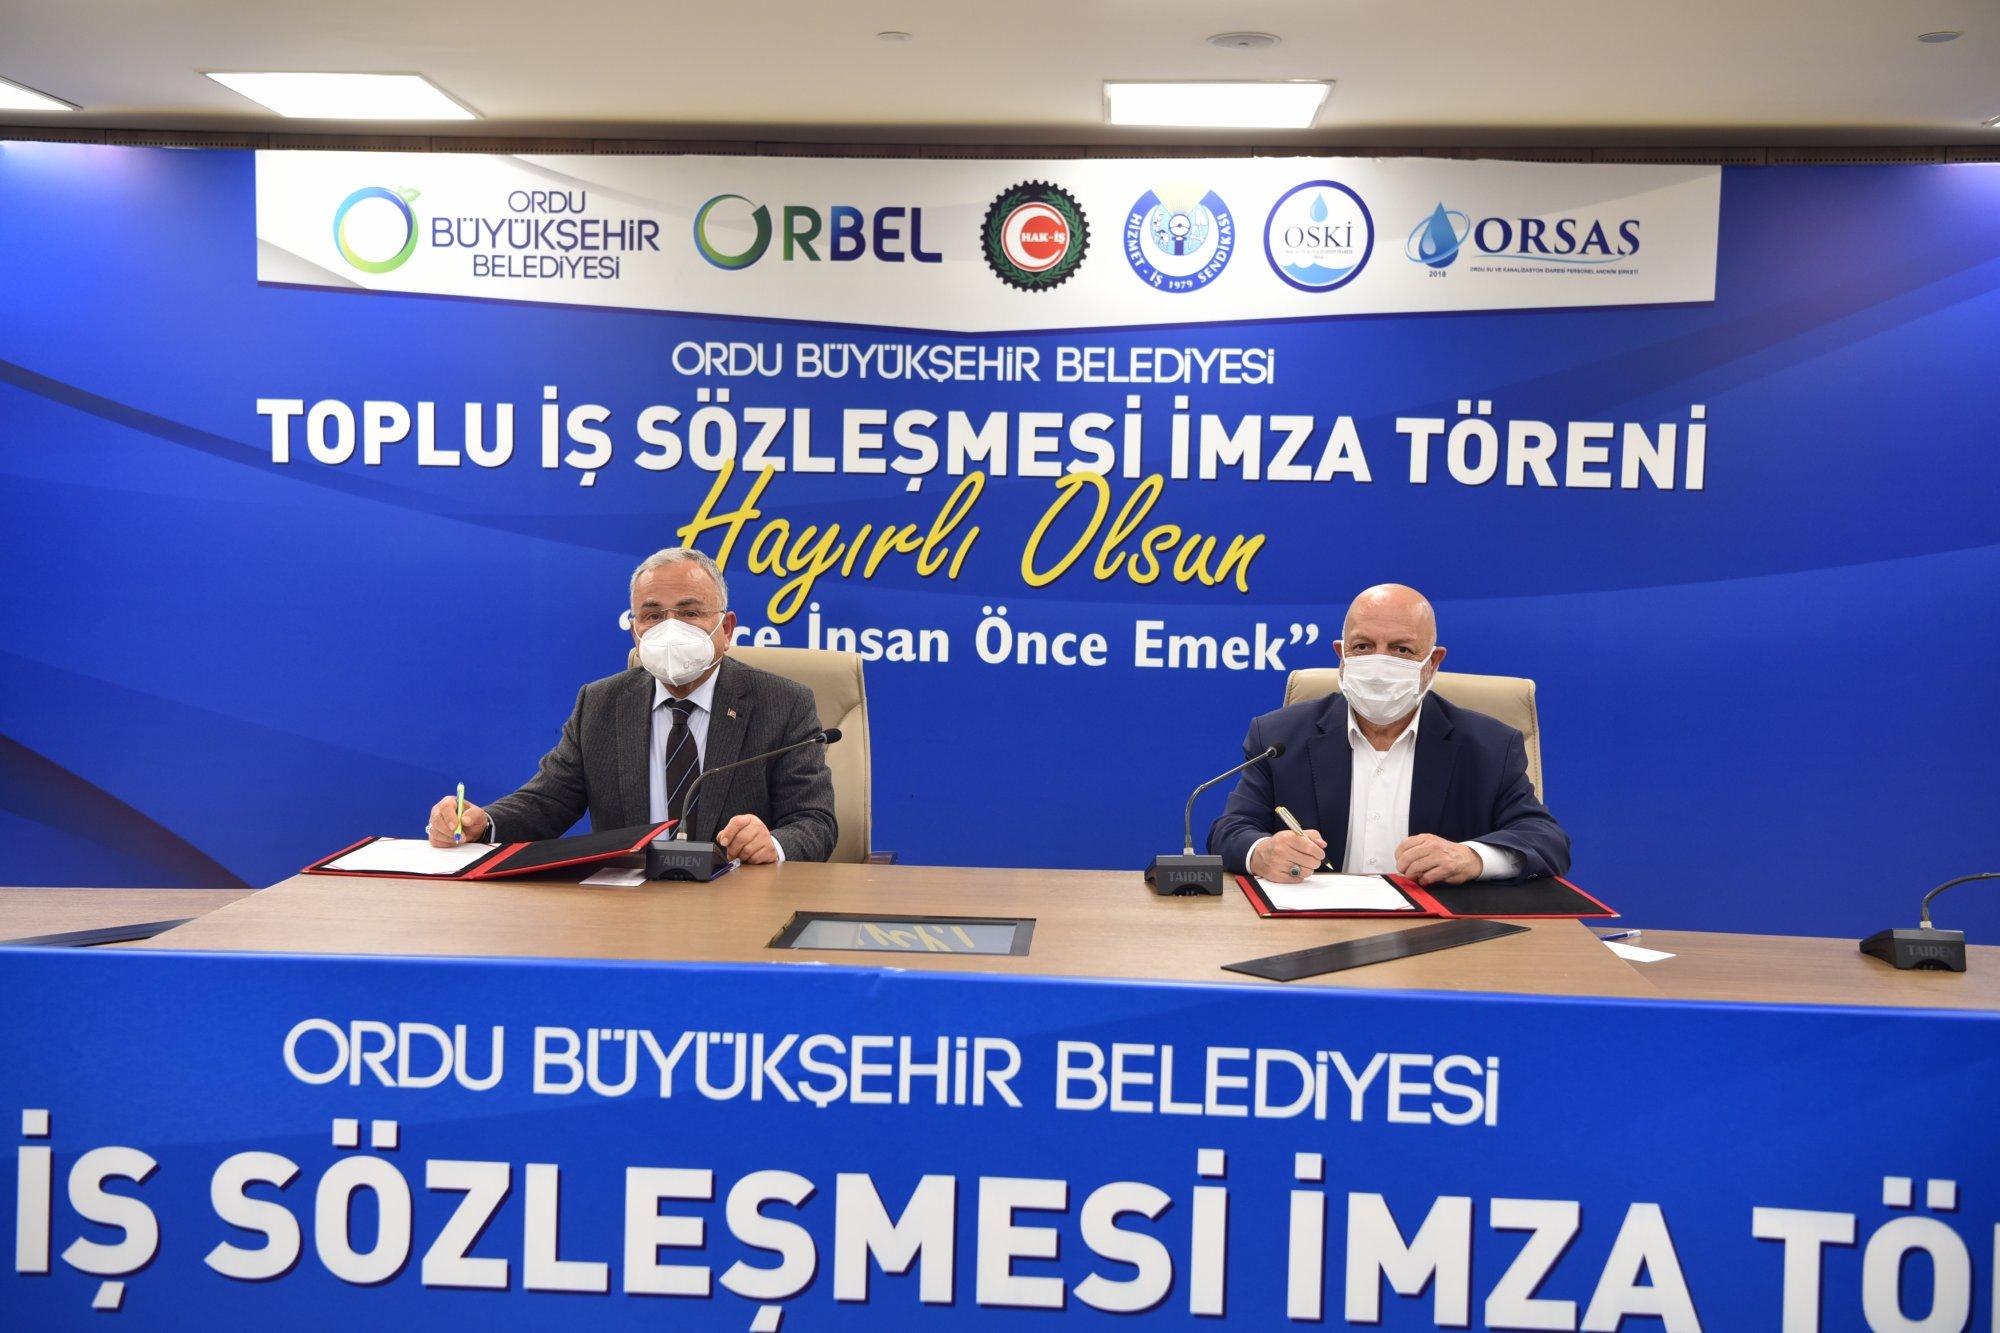 ARSLAN ORDU'DA TİS TÖRENİNE KATILDI